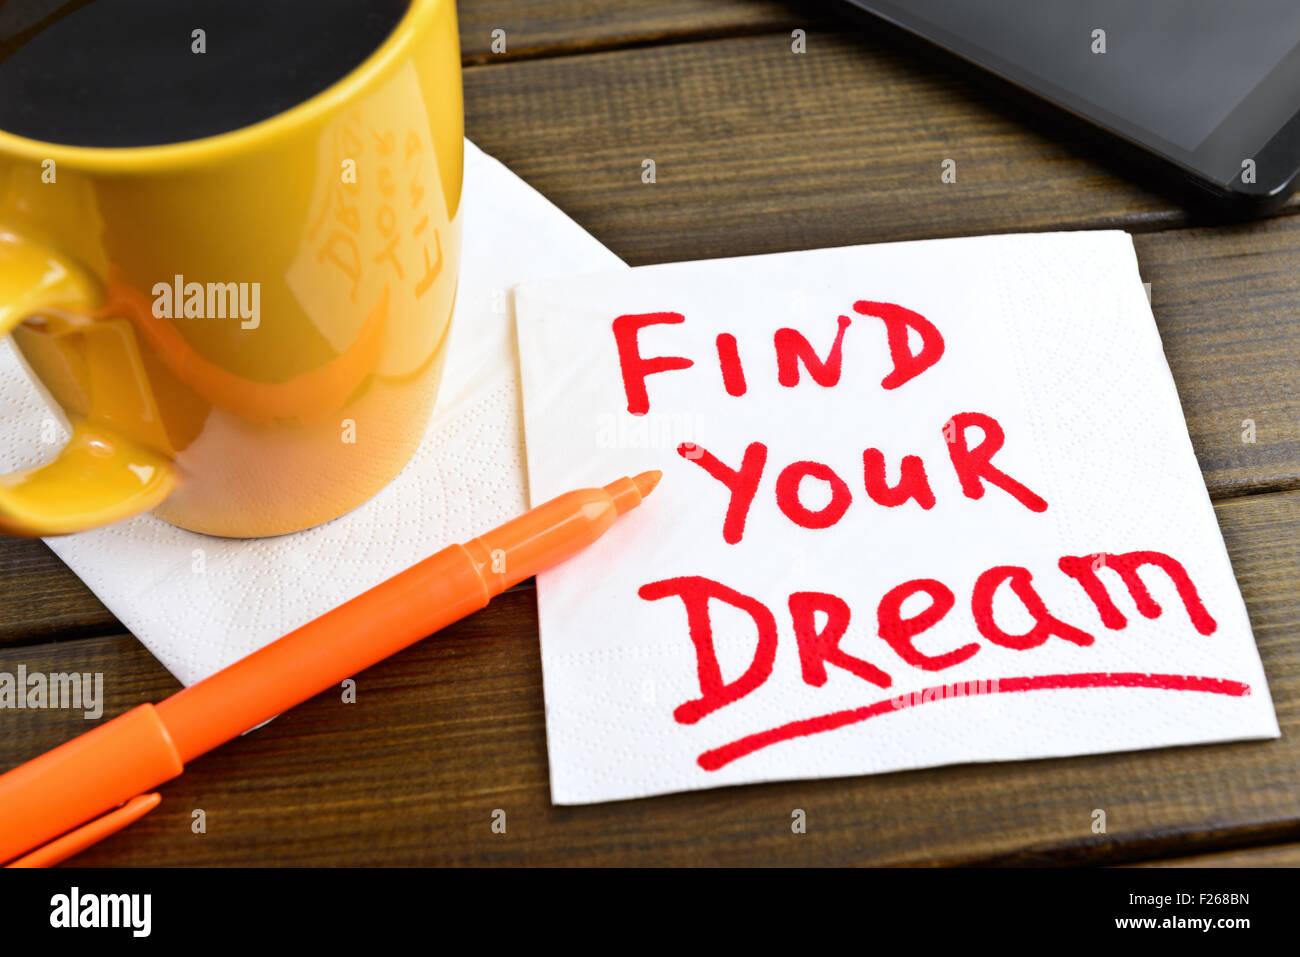 Encontrar tu sueño - escritura motivacional en una servilleta con una taza de café y teléfono Imagen De Stock